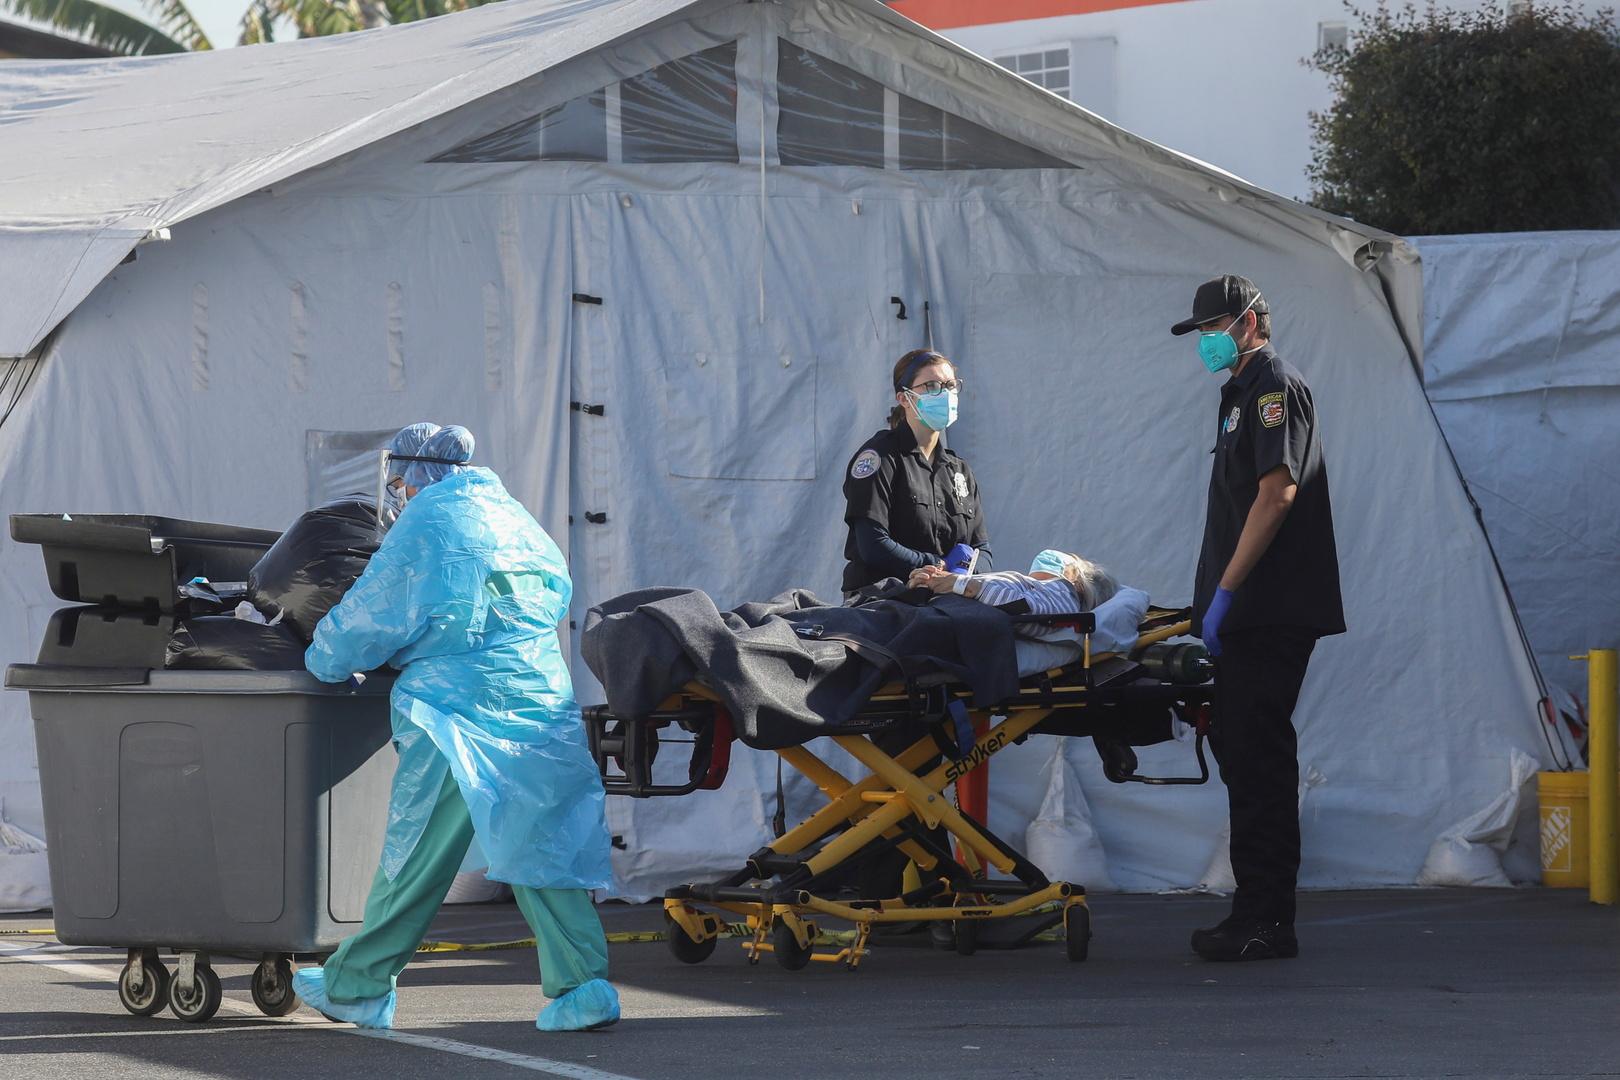 سلطات لوس أنجلوس تتحرك للحفاظ على احتياطي الأكسجين بمستشفياتها